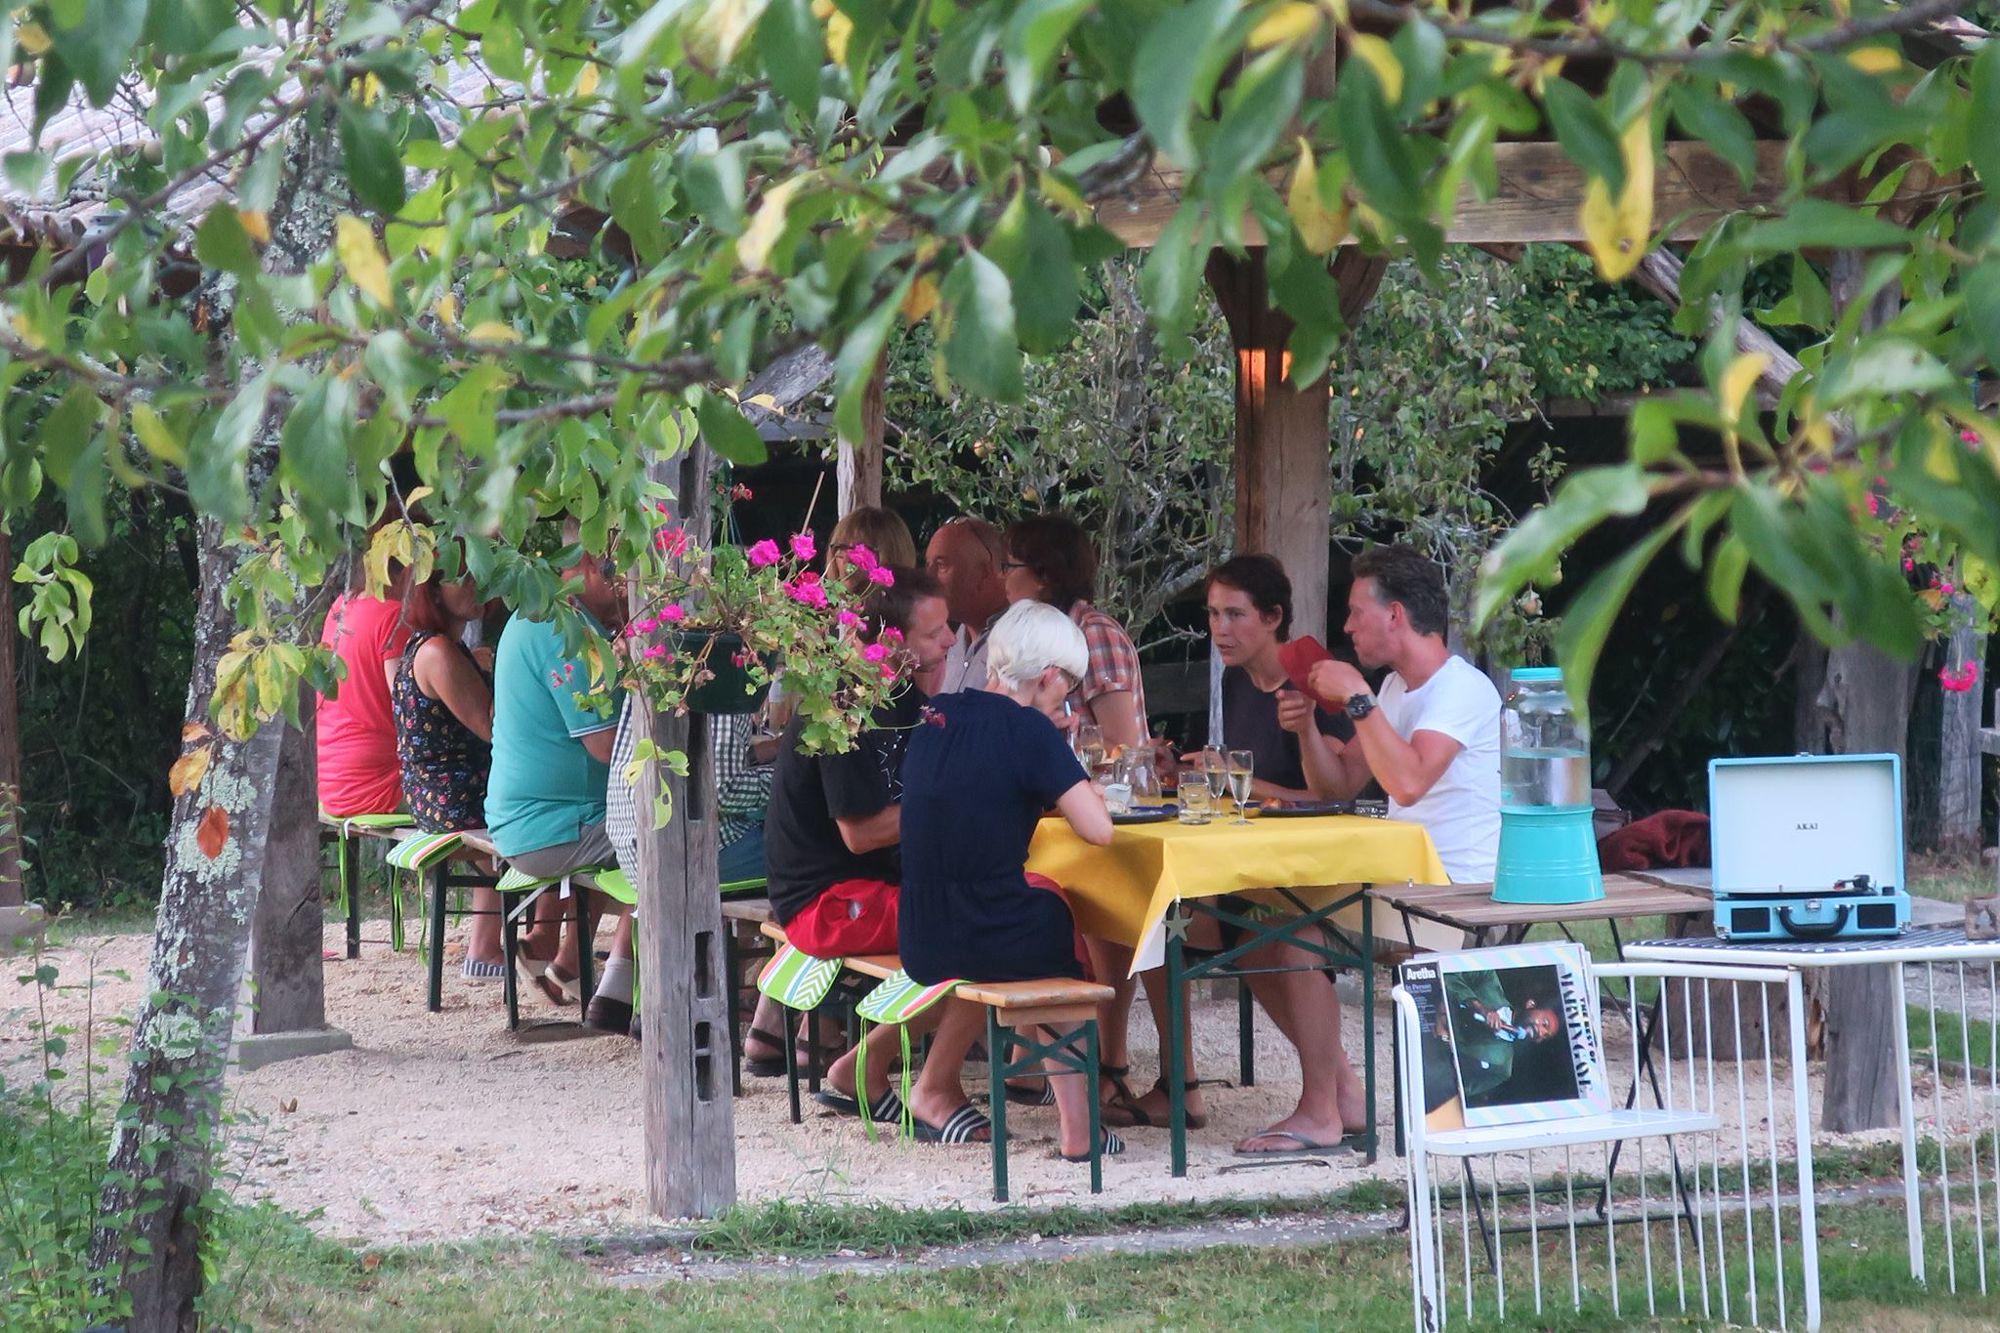 Campsites in Gers – I Love This Campsite